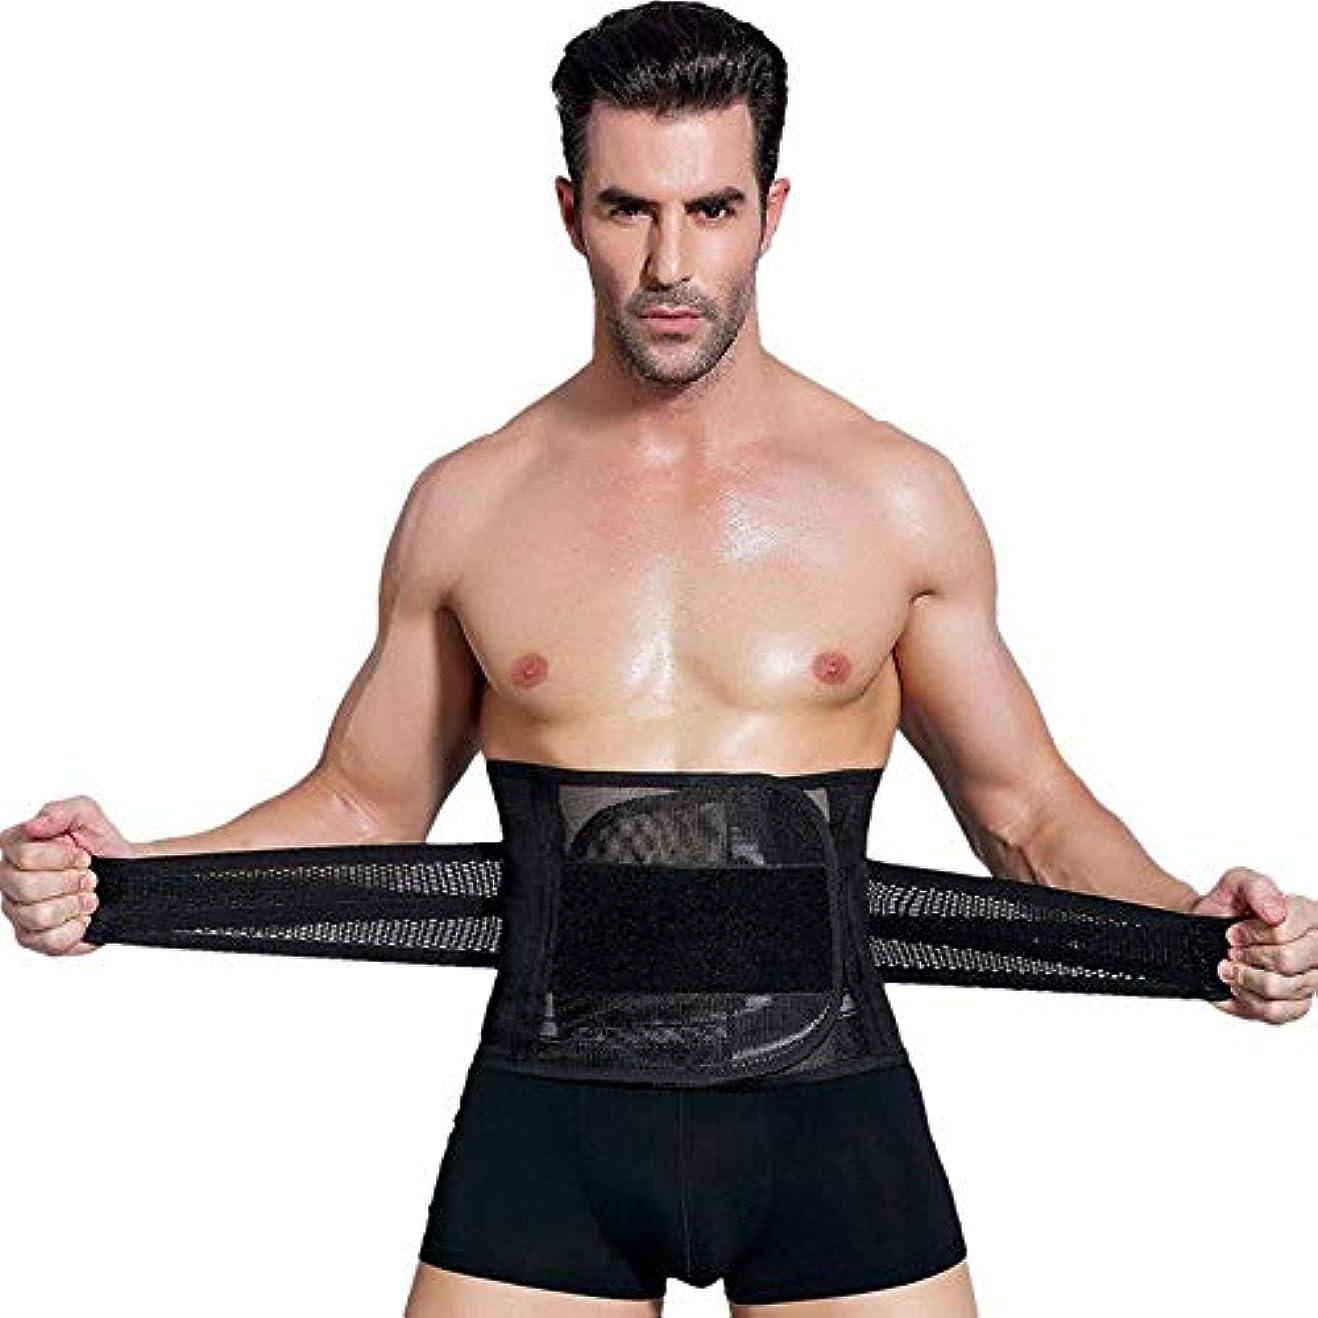 徒歩で変な蓋男性ボディシェイパーコルセット腹部おなかコントロールウエストトレーナーニッパー脂肪燃焼ガードル痩身腹ベルト用男性 - ブラックXXL